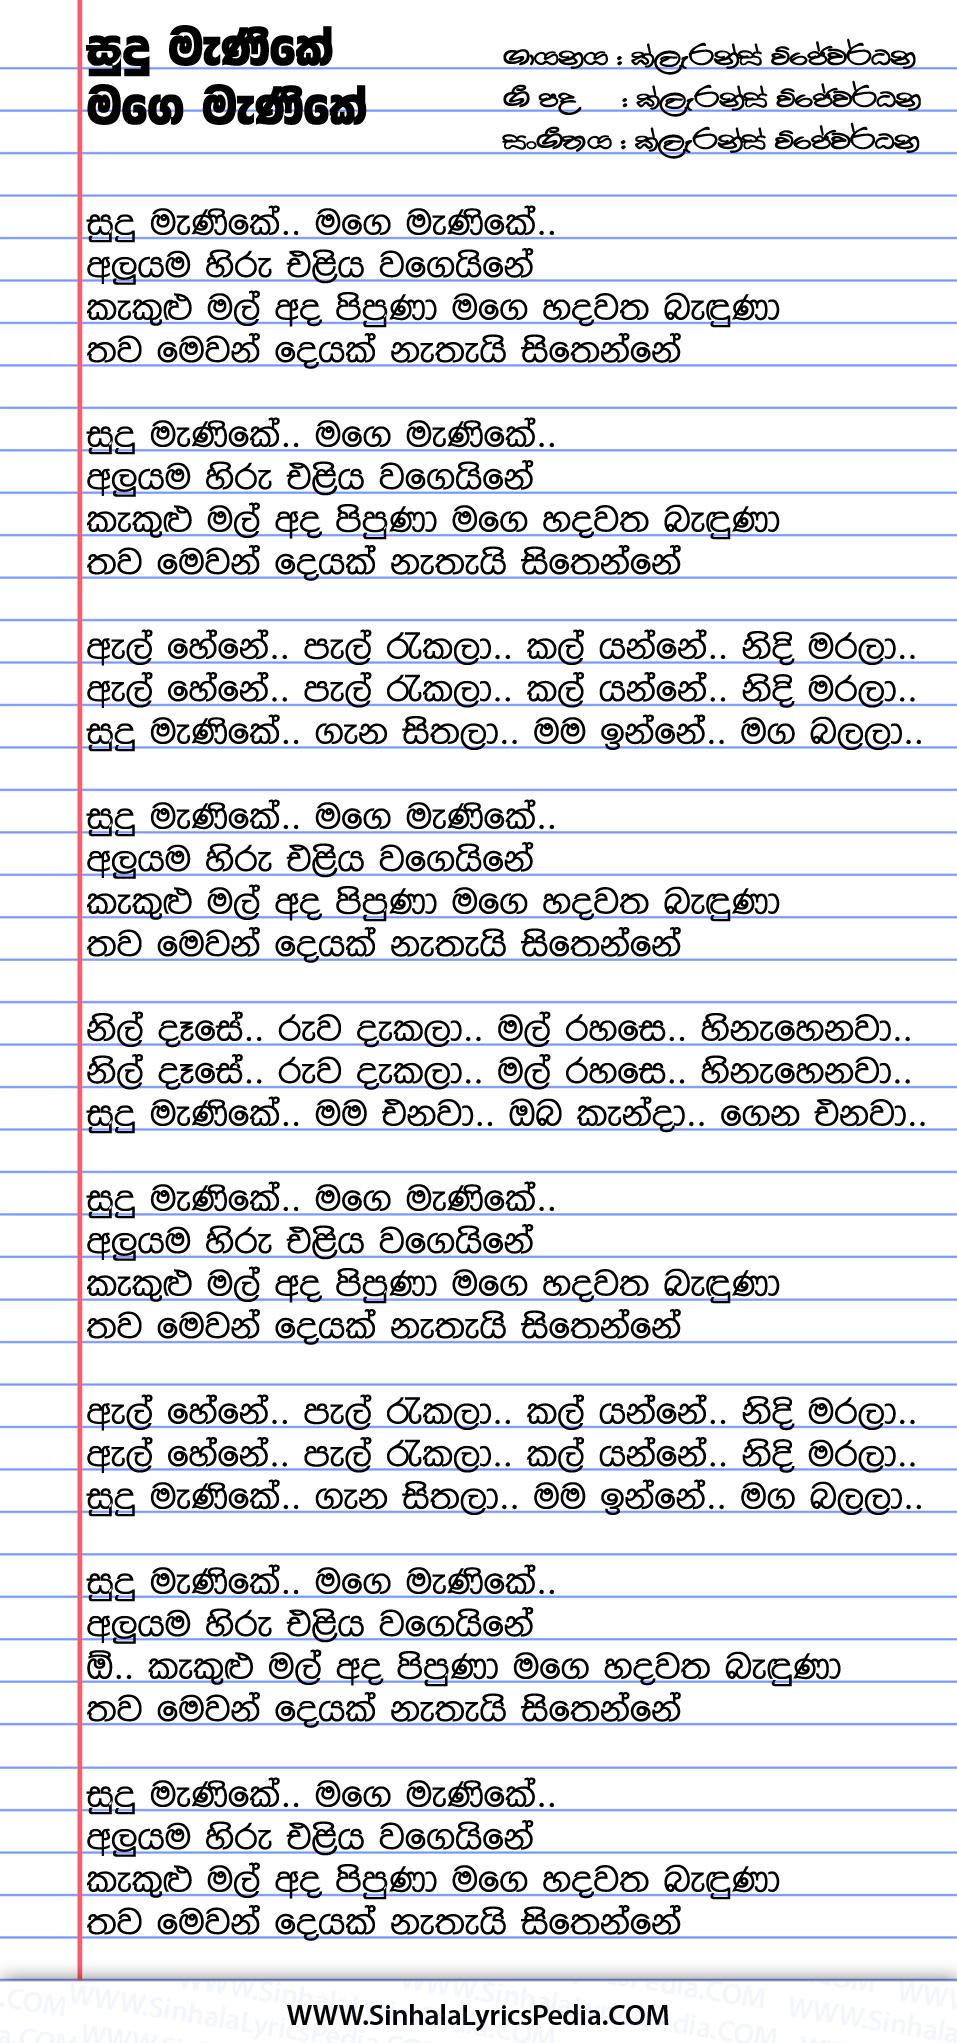 Sudu Manike Mage Manike Song Lyrics